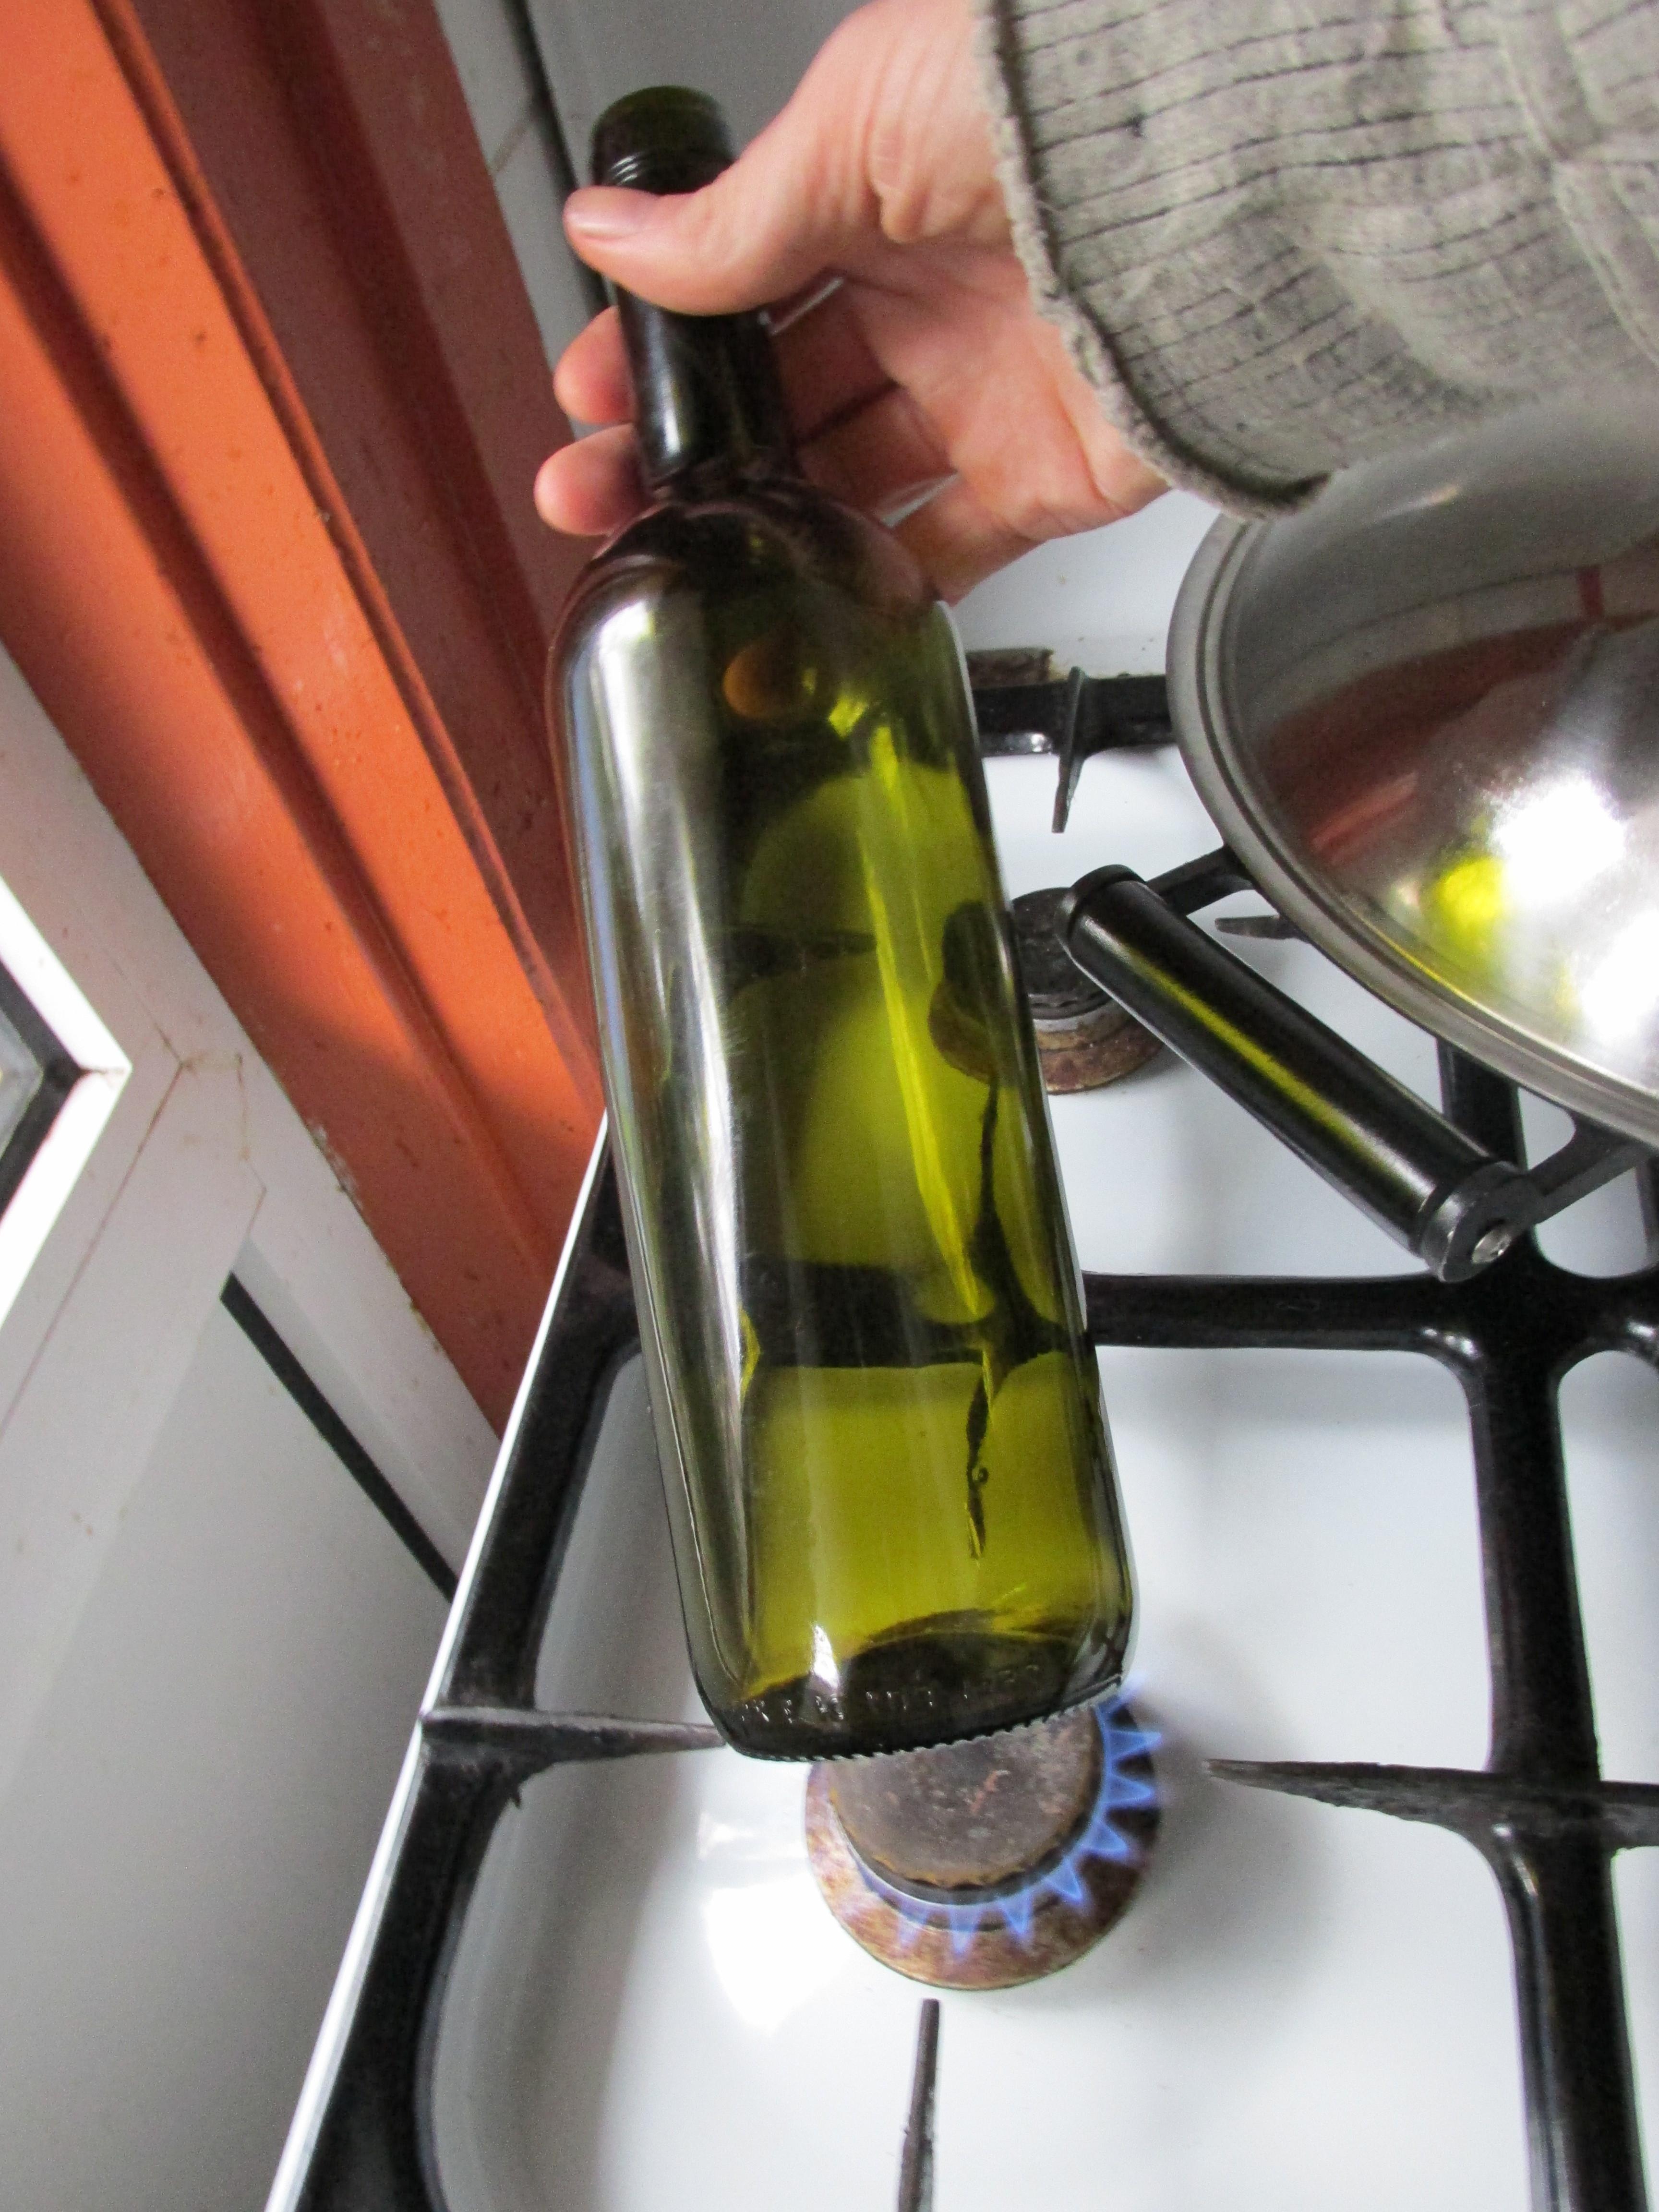 Make alcohol inhaler or vaporizer - VAPORIZING TIMES